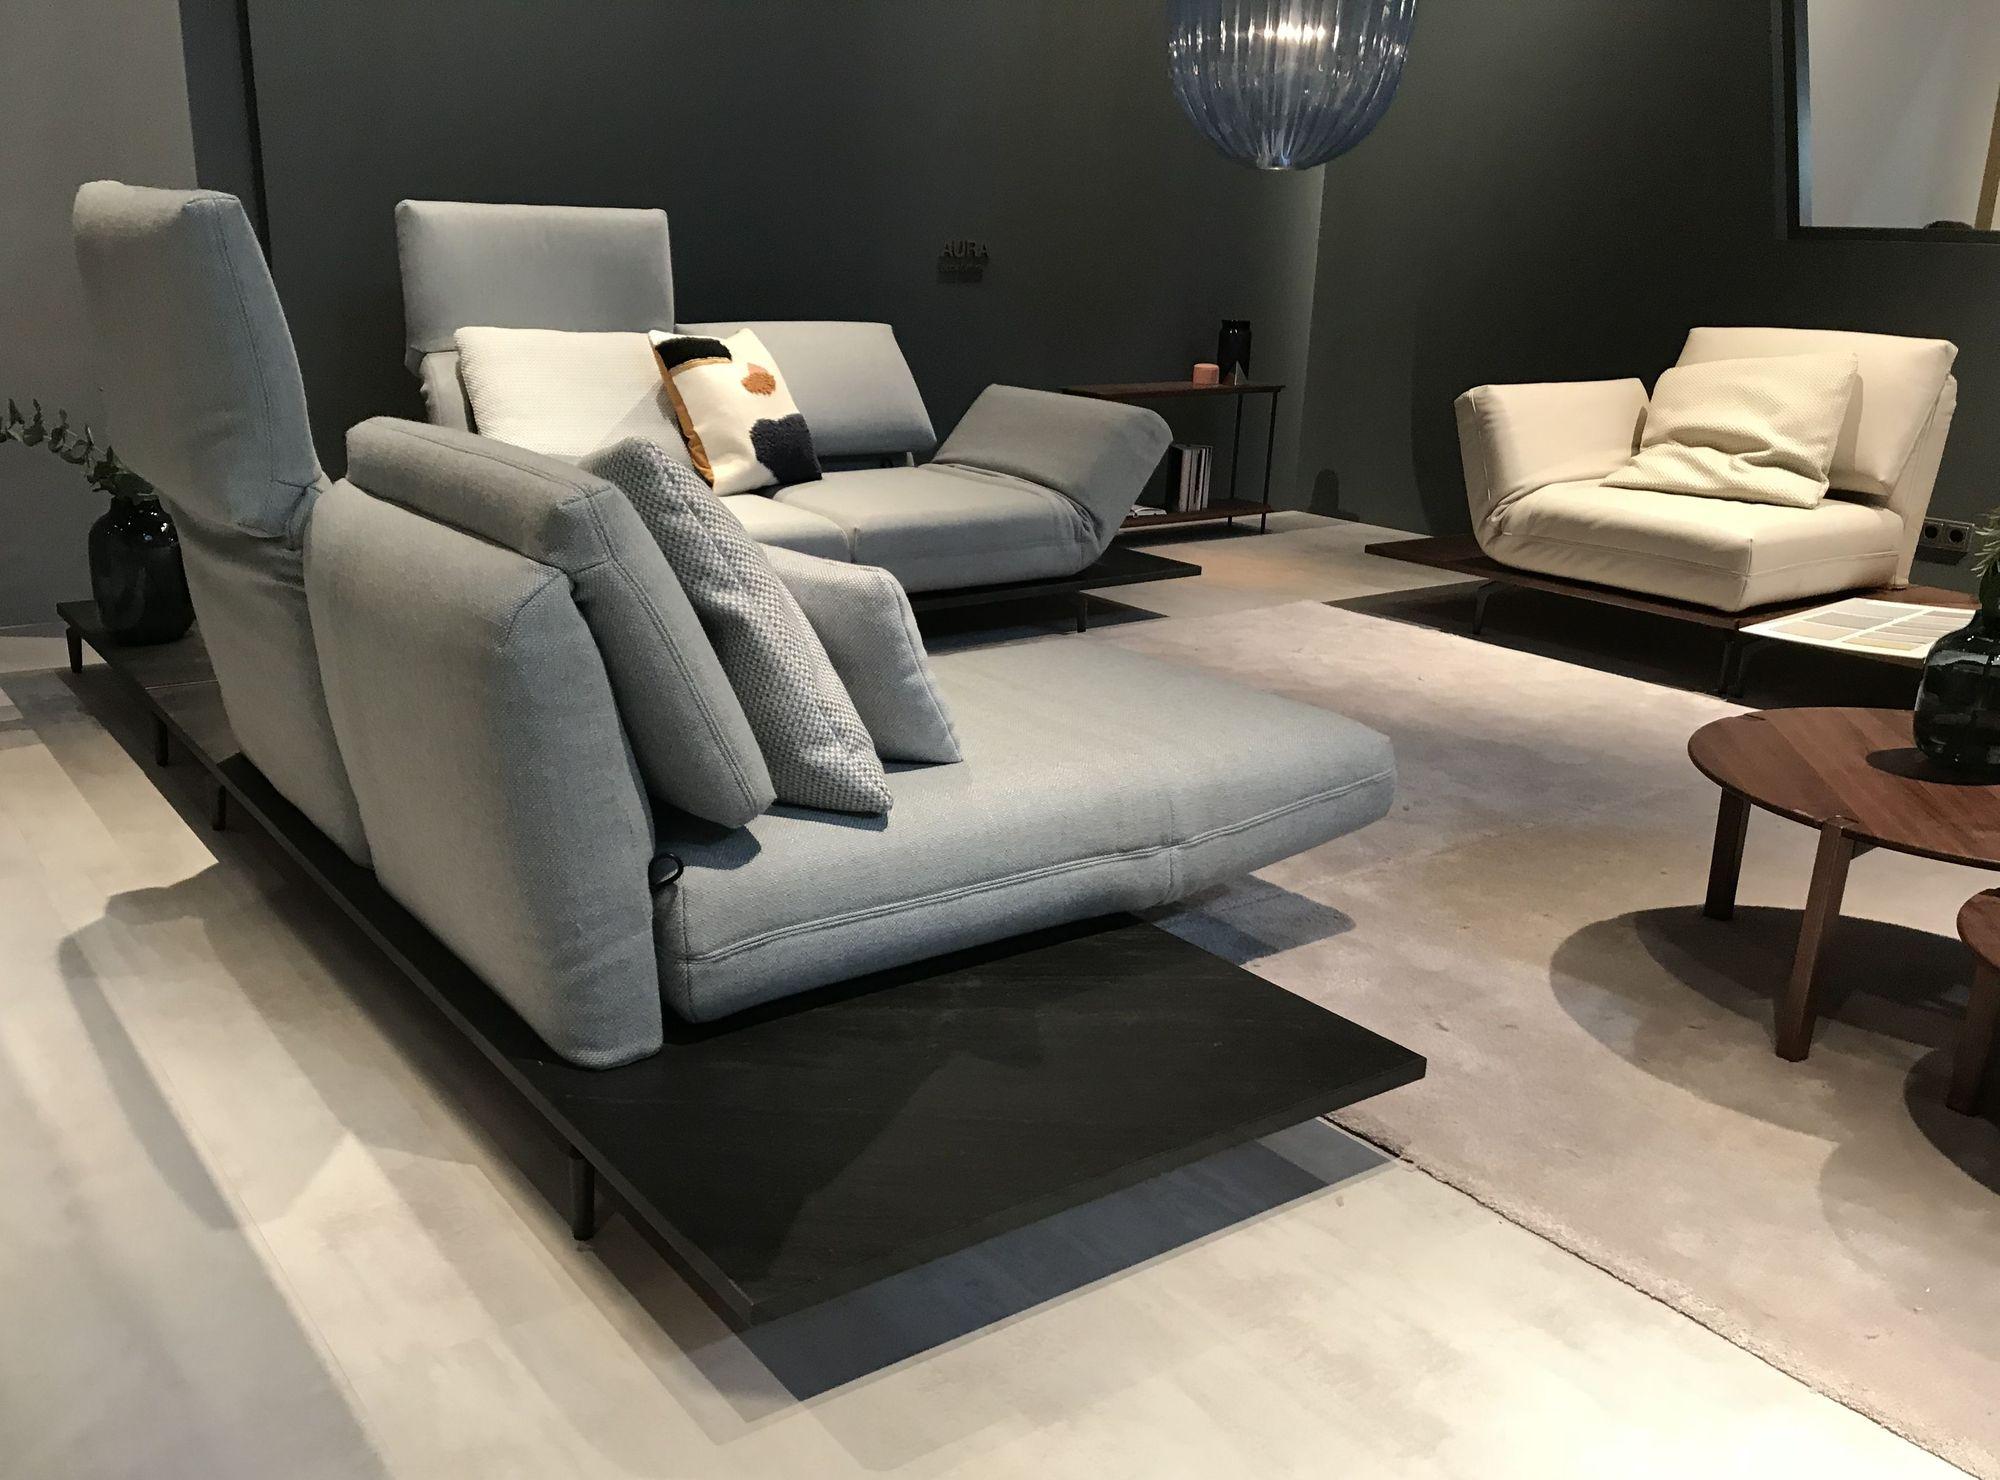 rolf benz aura sofa mit drehsitzen in stoff auf plattform. Black Bedroom Furniture Sets. Home Design Ideas